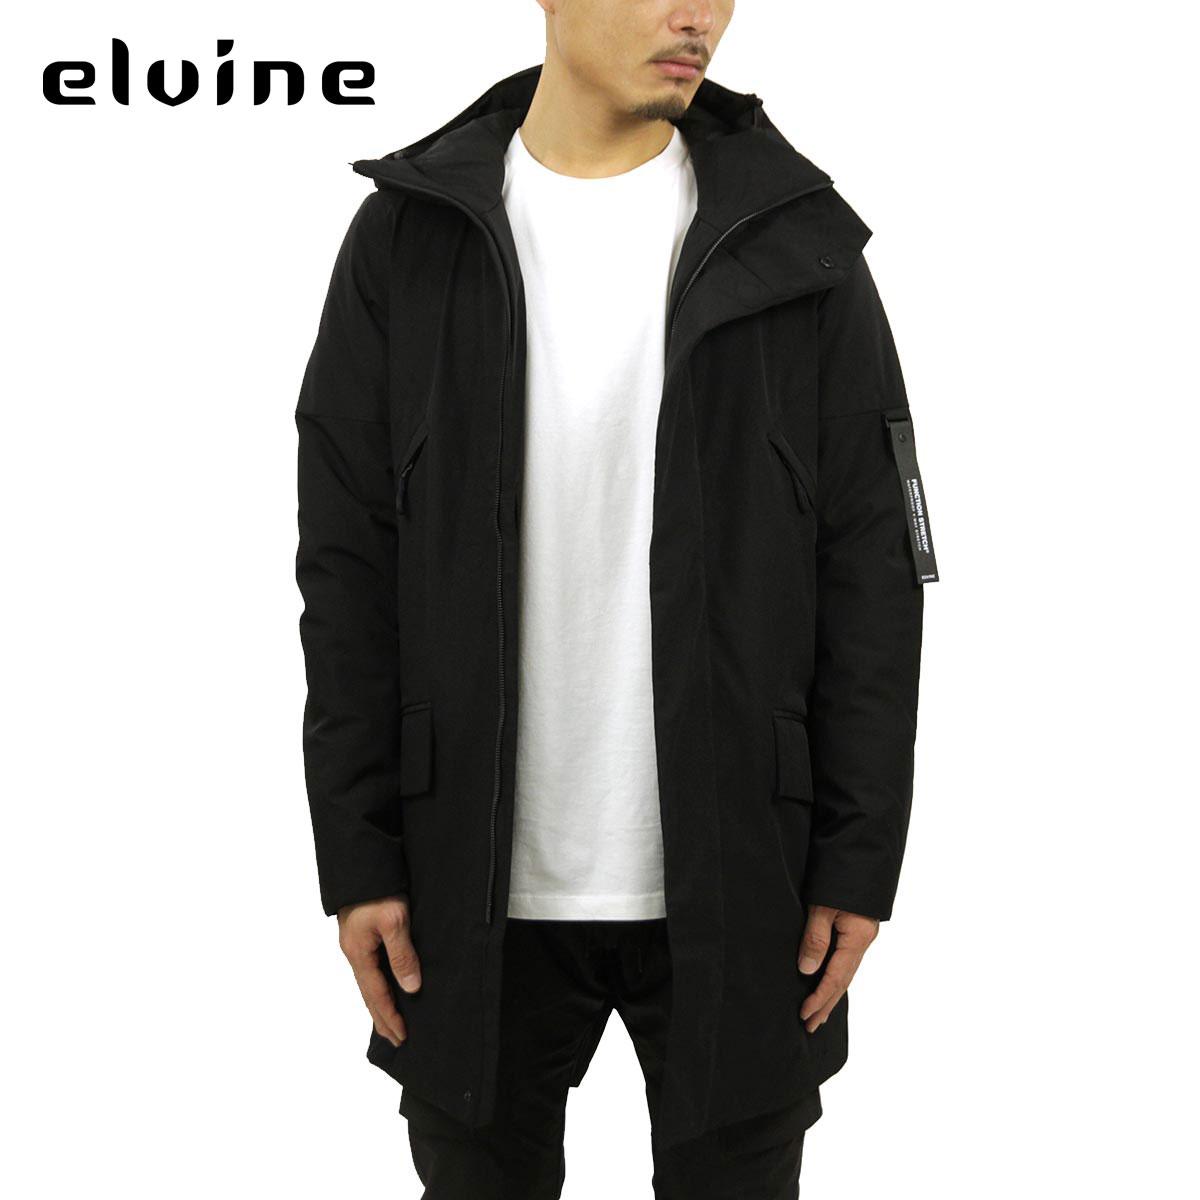 エルバイン アウター メンズ 正規販売店 elvine ジャケット ナイロンジャケット ZANE NYLON LONG JACKET 193006 110 BLACK A91B B1C C1D D4E E13F